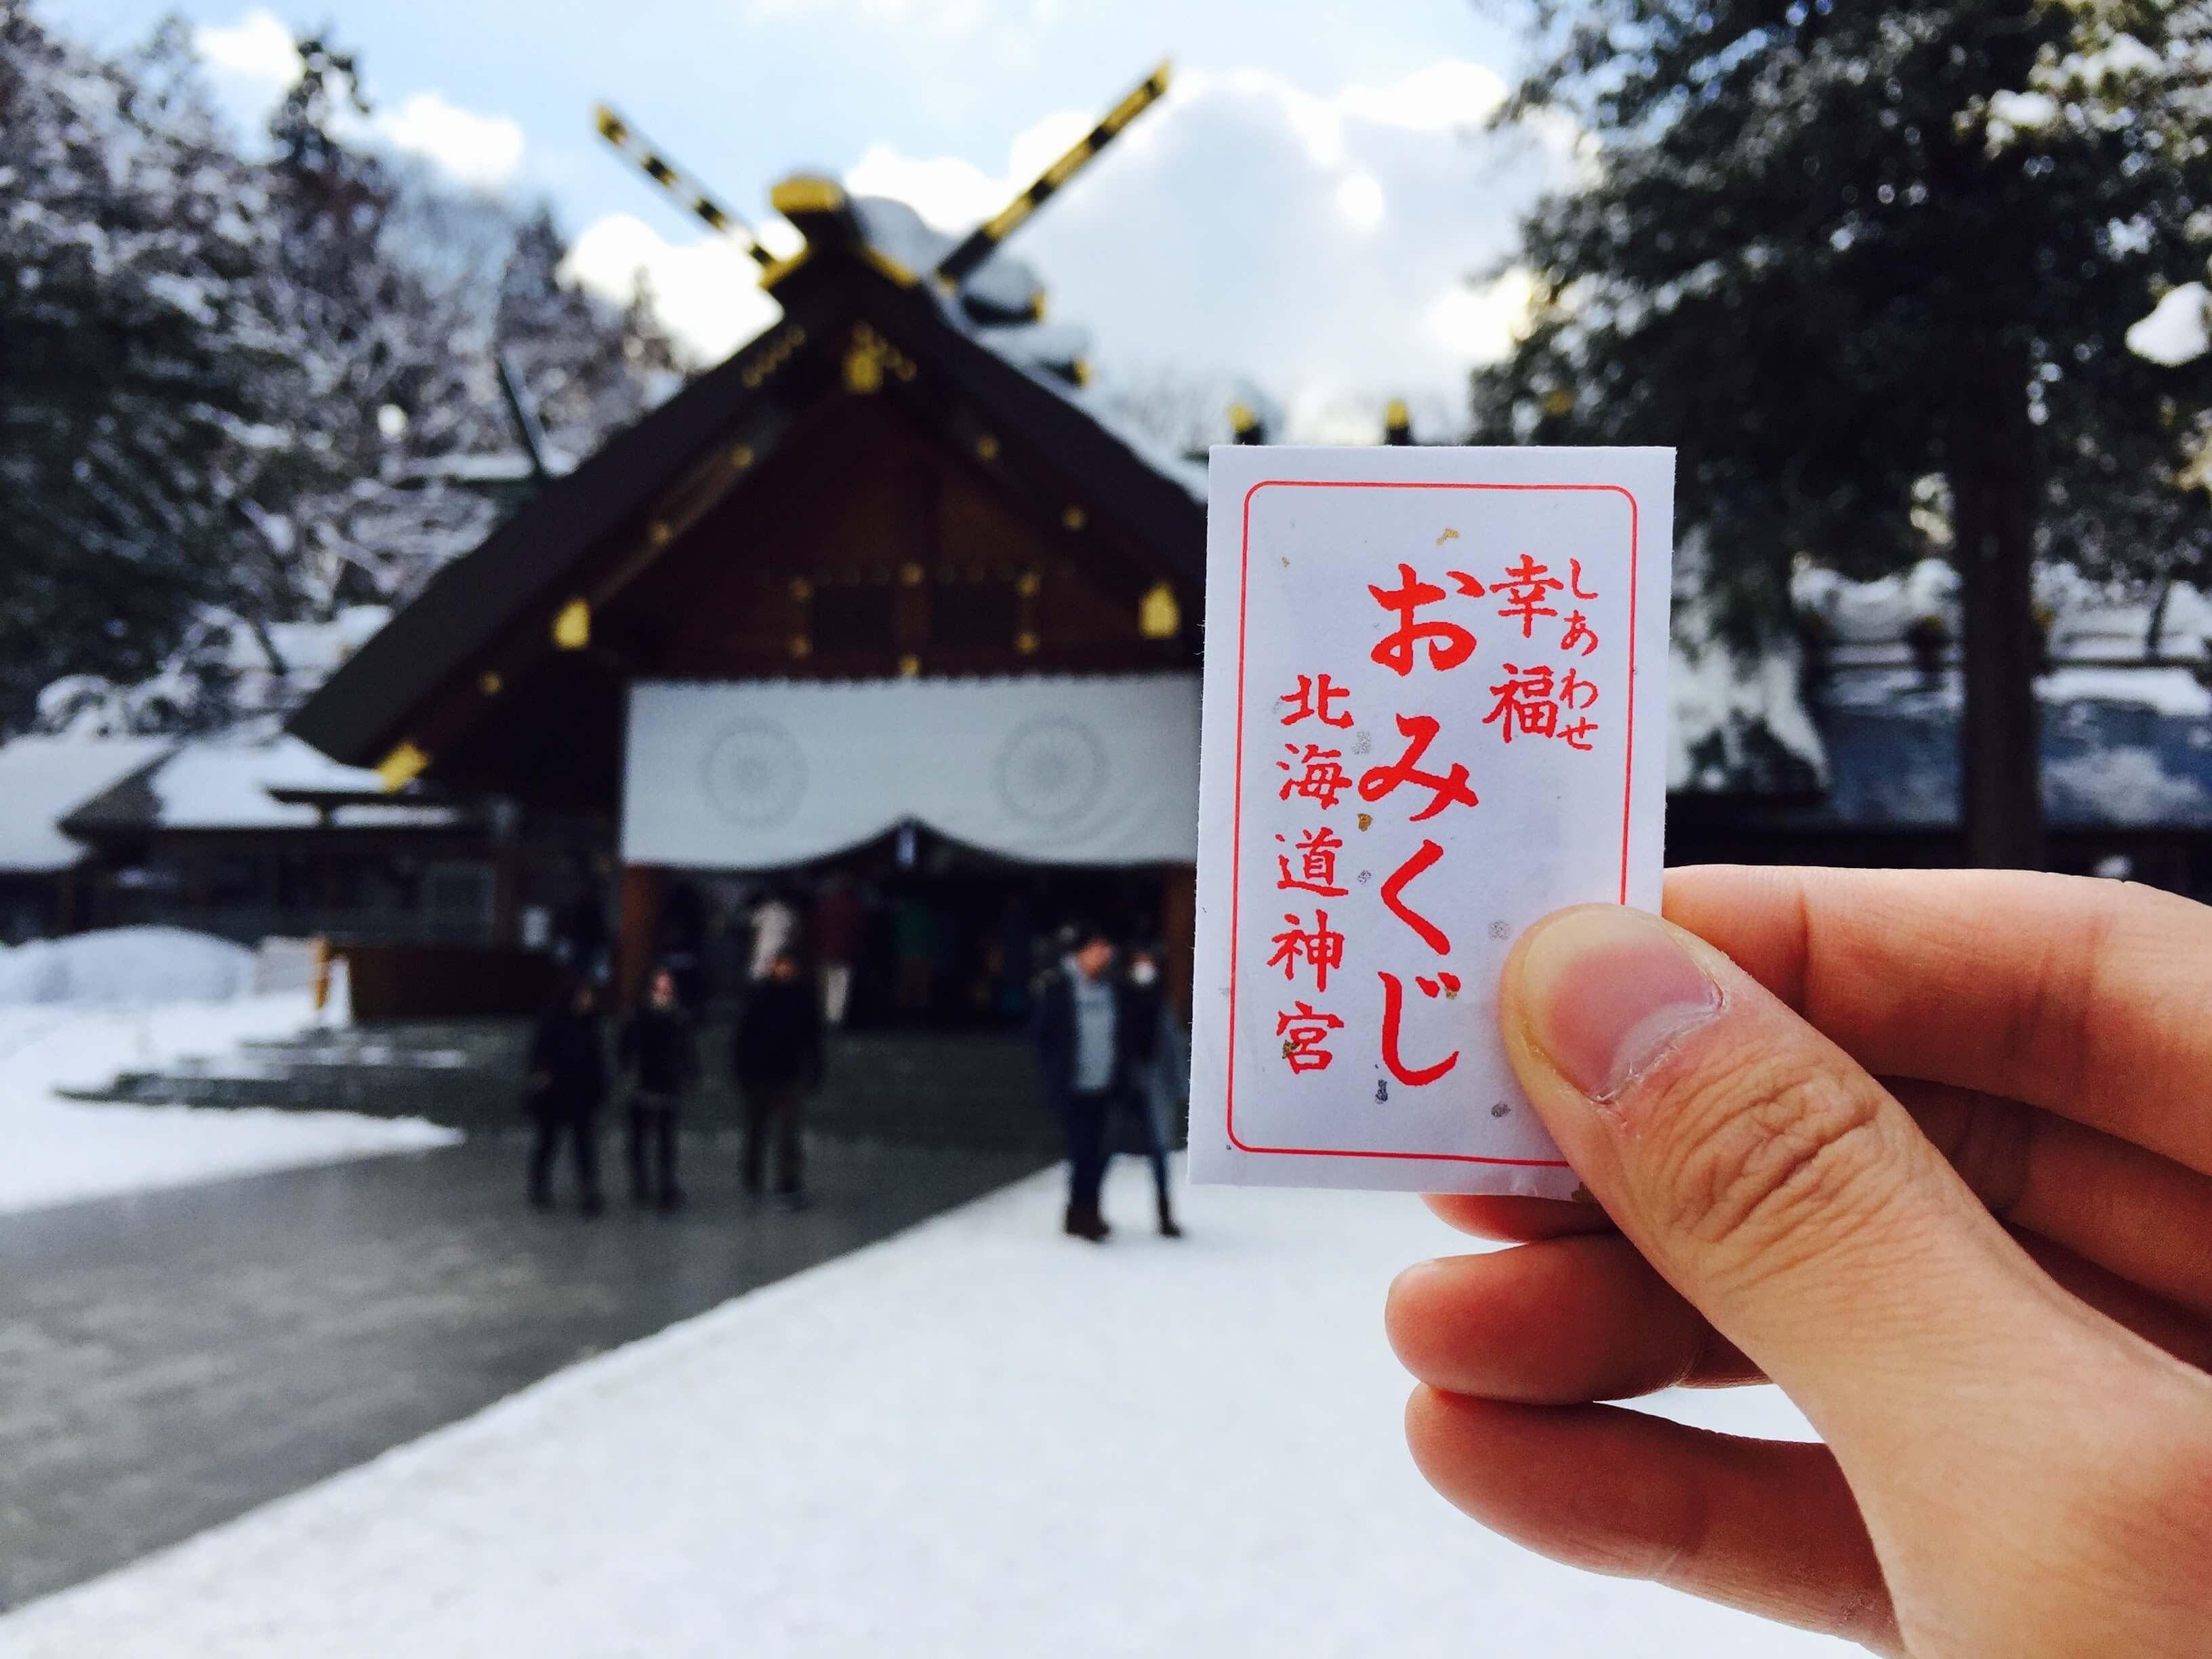 北海道神宮戀愛籤 。 Photographer|Zach Huang